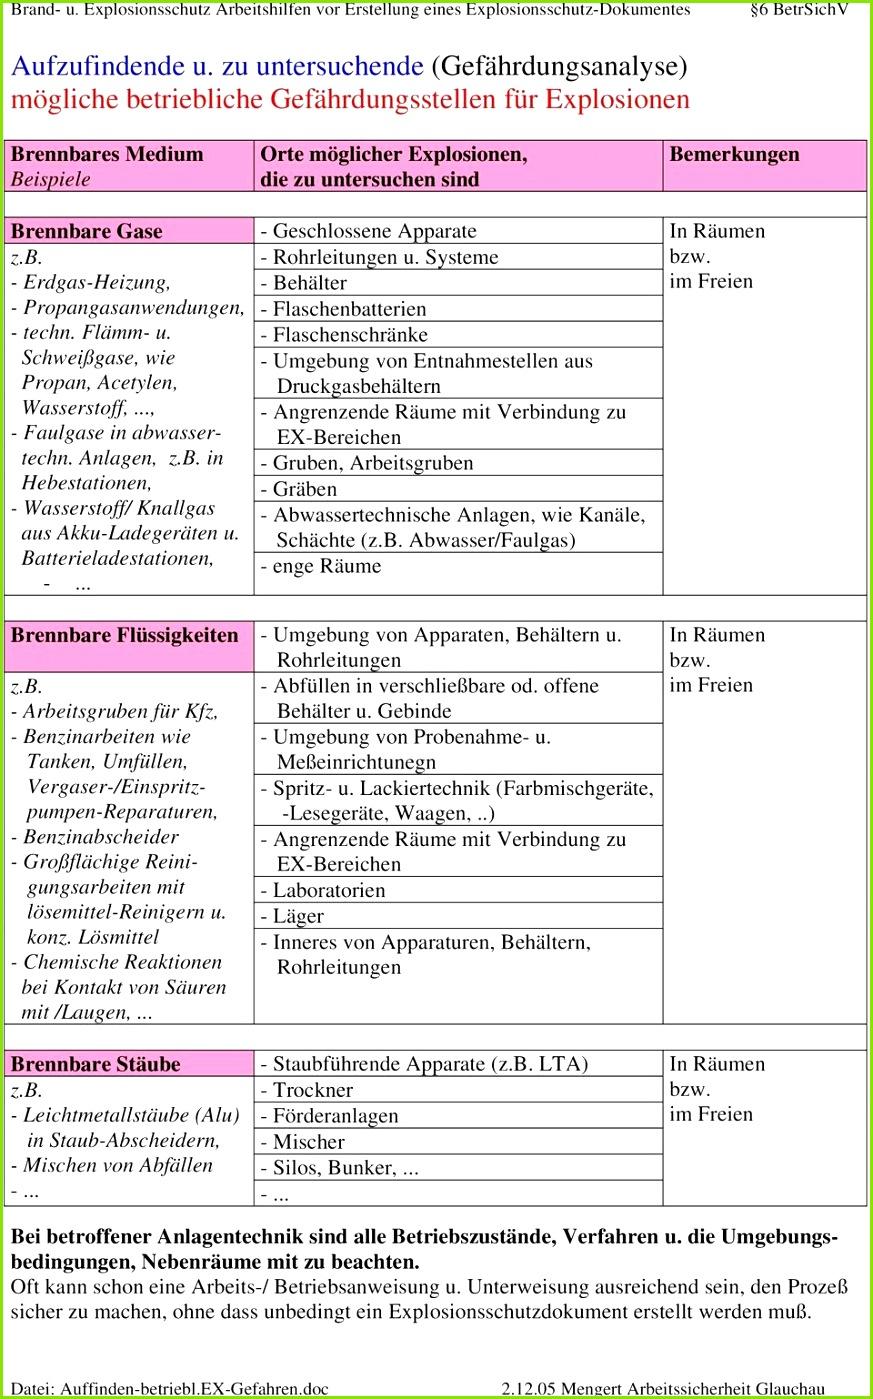 betriebliche unterweisung vordruck bild teil 2 arbeitsblatter zur gefahrdungsbeurteilung explosionsschutz pdf of betriebliche unterweisung vordruck